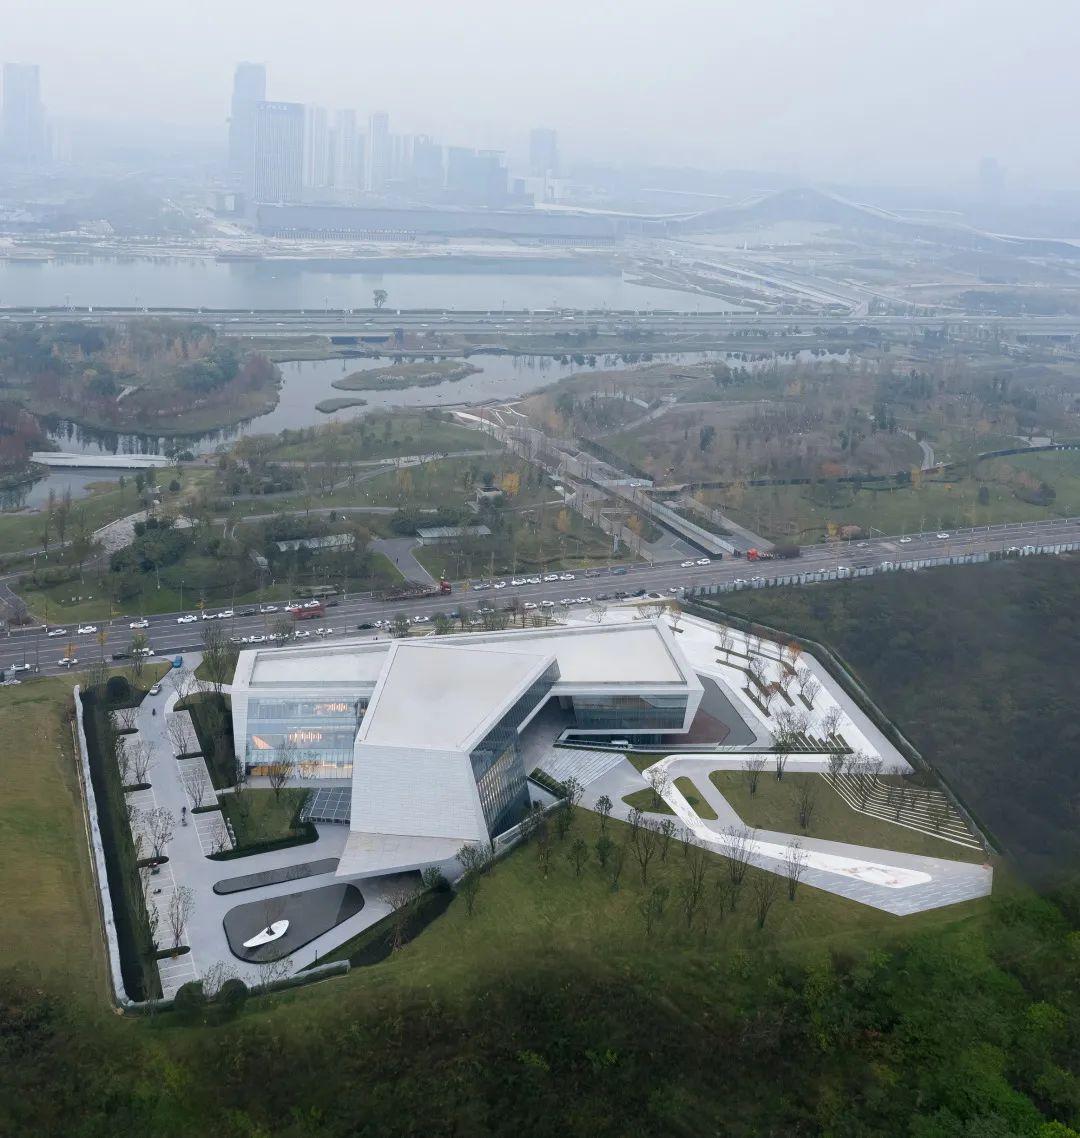 成都招商天府新区城市规划展览馆 建筑设计 / AAI国际建筑